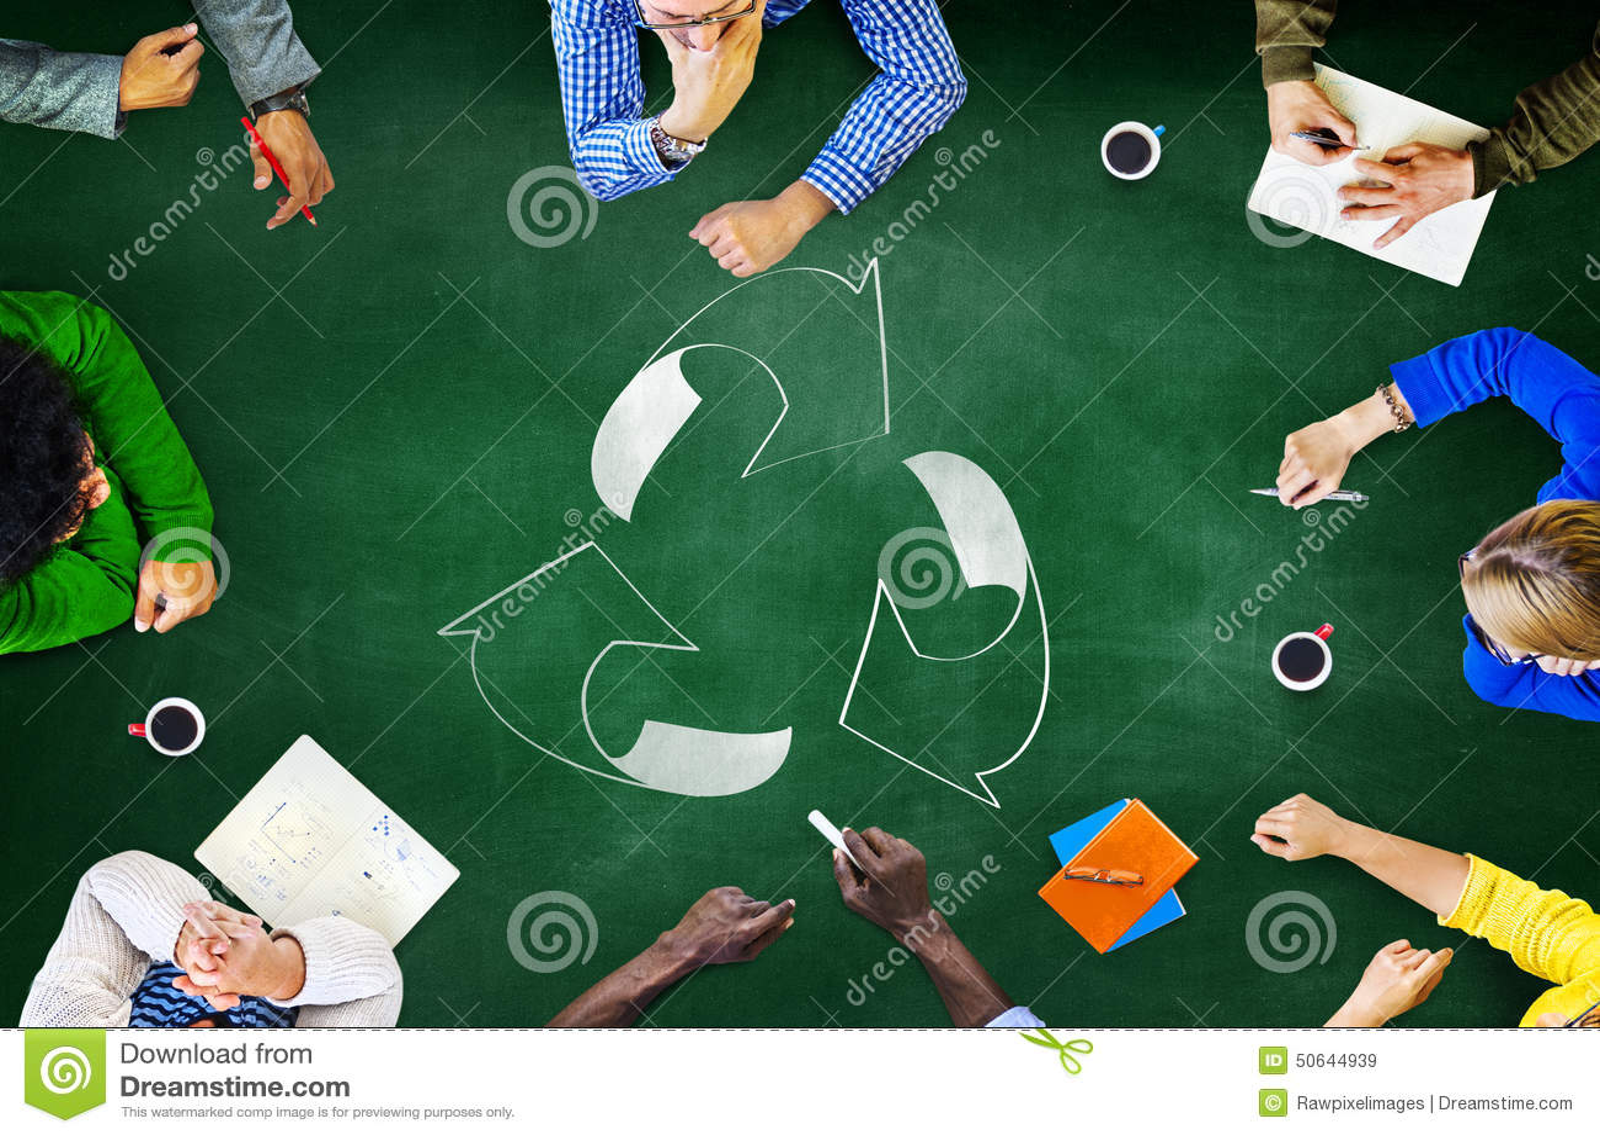 Wiederverwendung bereiten Ökologie-Umwelt gehen grünes Sitzungs-Konzept auf